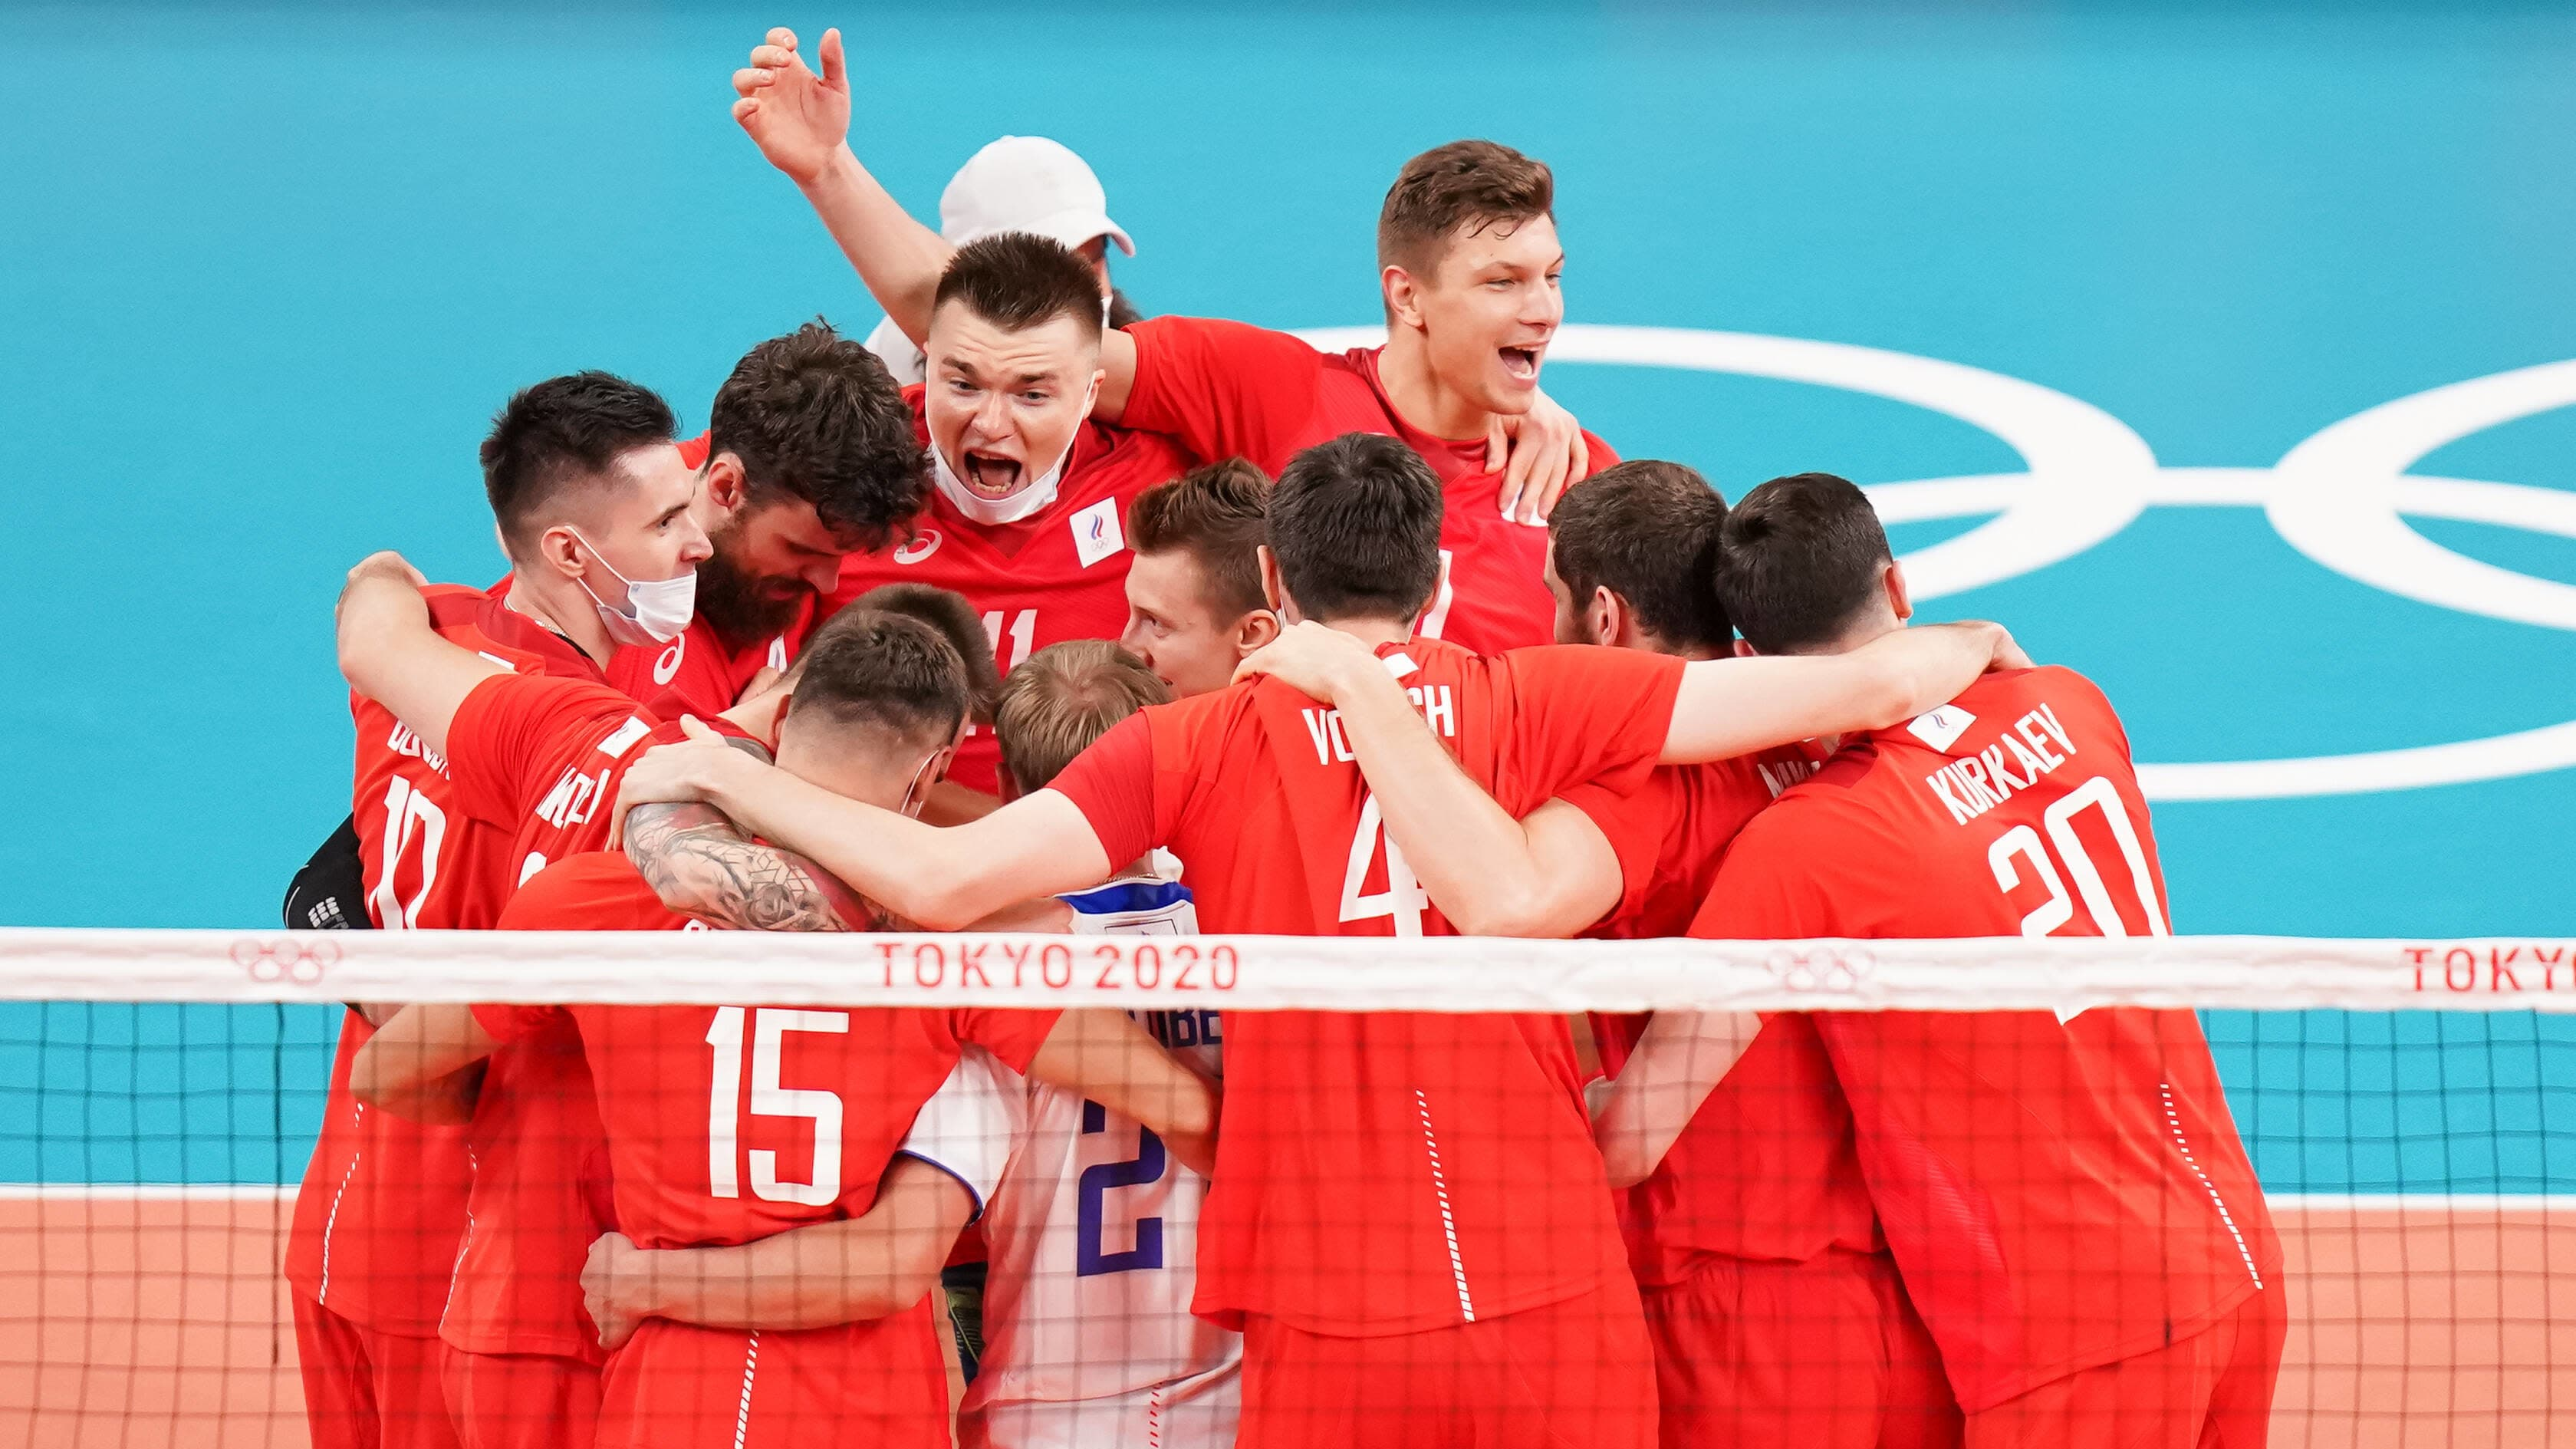 Venäjän lentopallomaajoukkue saavutti Tuomas Sammelvuon luotsaamana Tokiossa olympiahopeaa. Kuvassa Venäjän pelaajat juhlivat voitettuaan välierässä Brasilian.